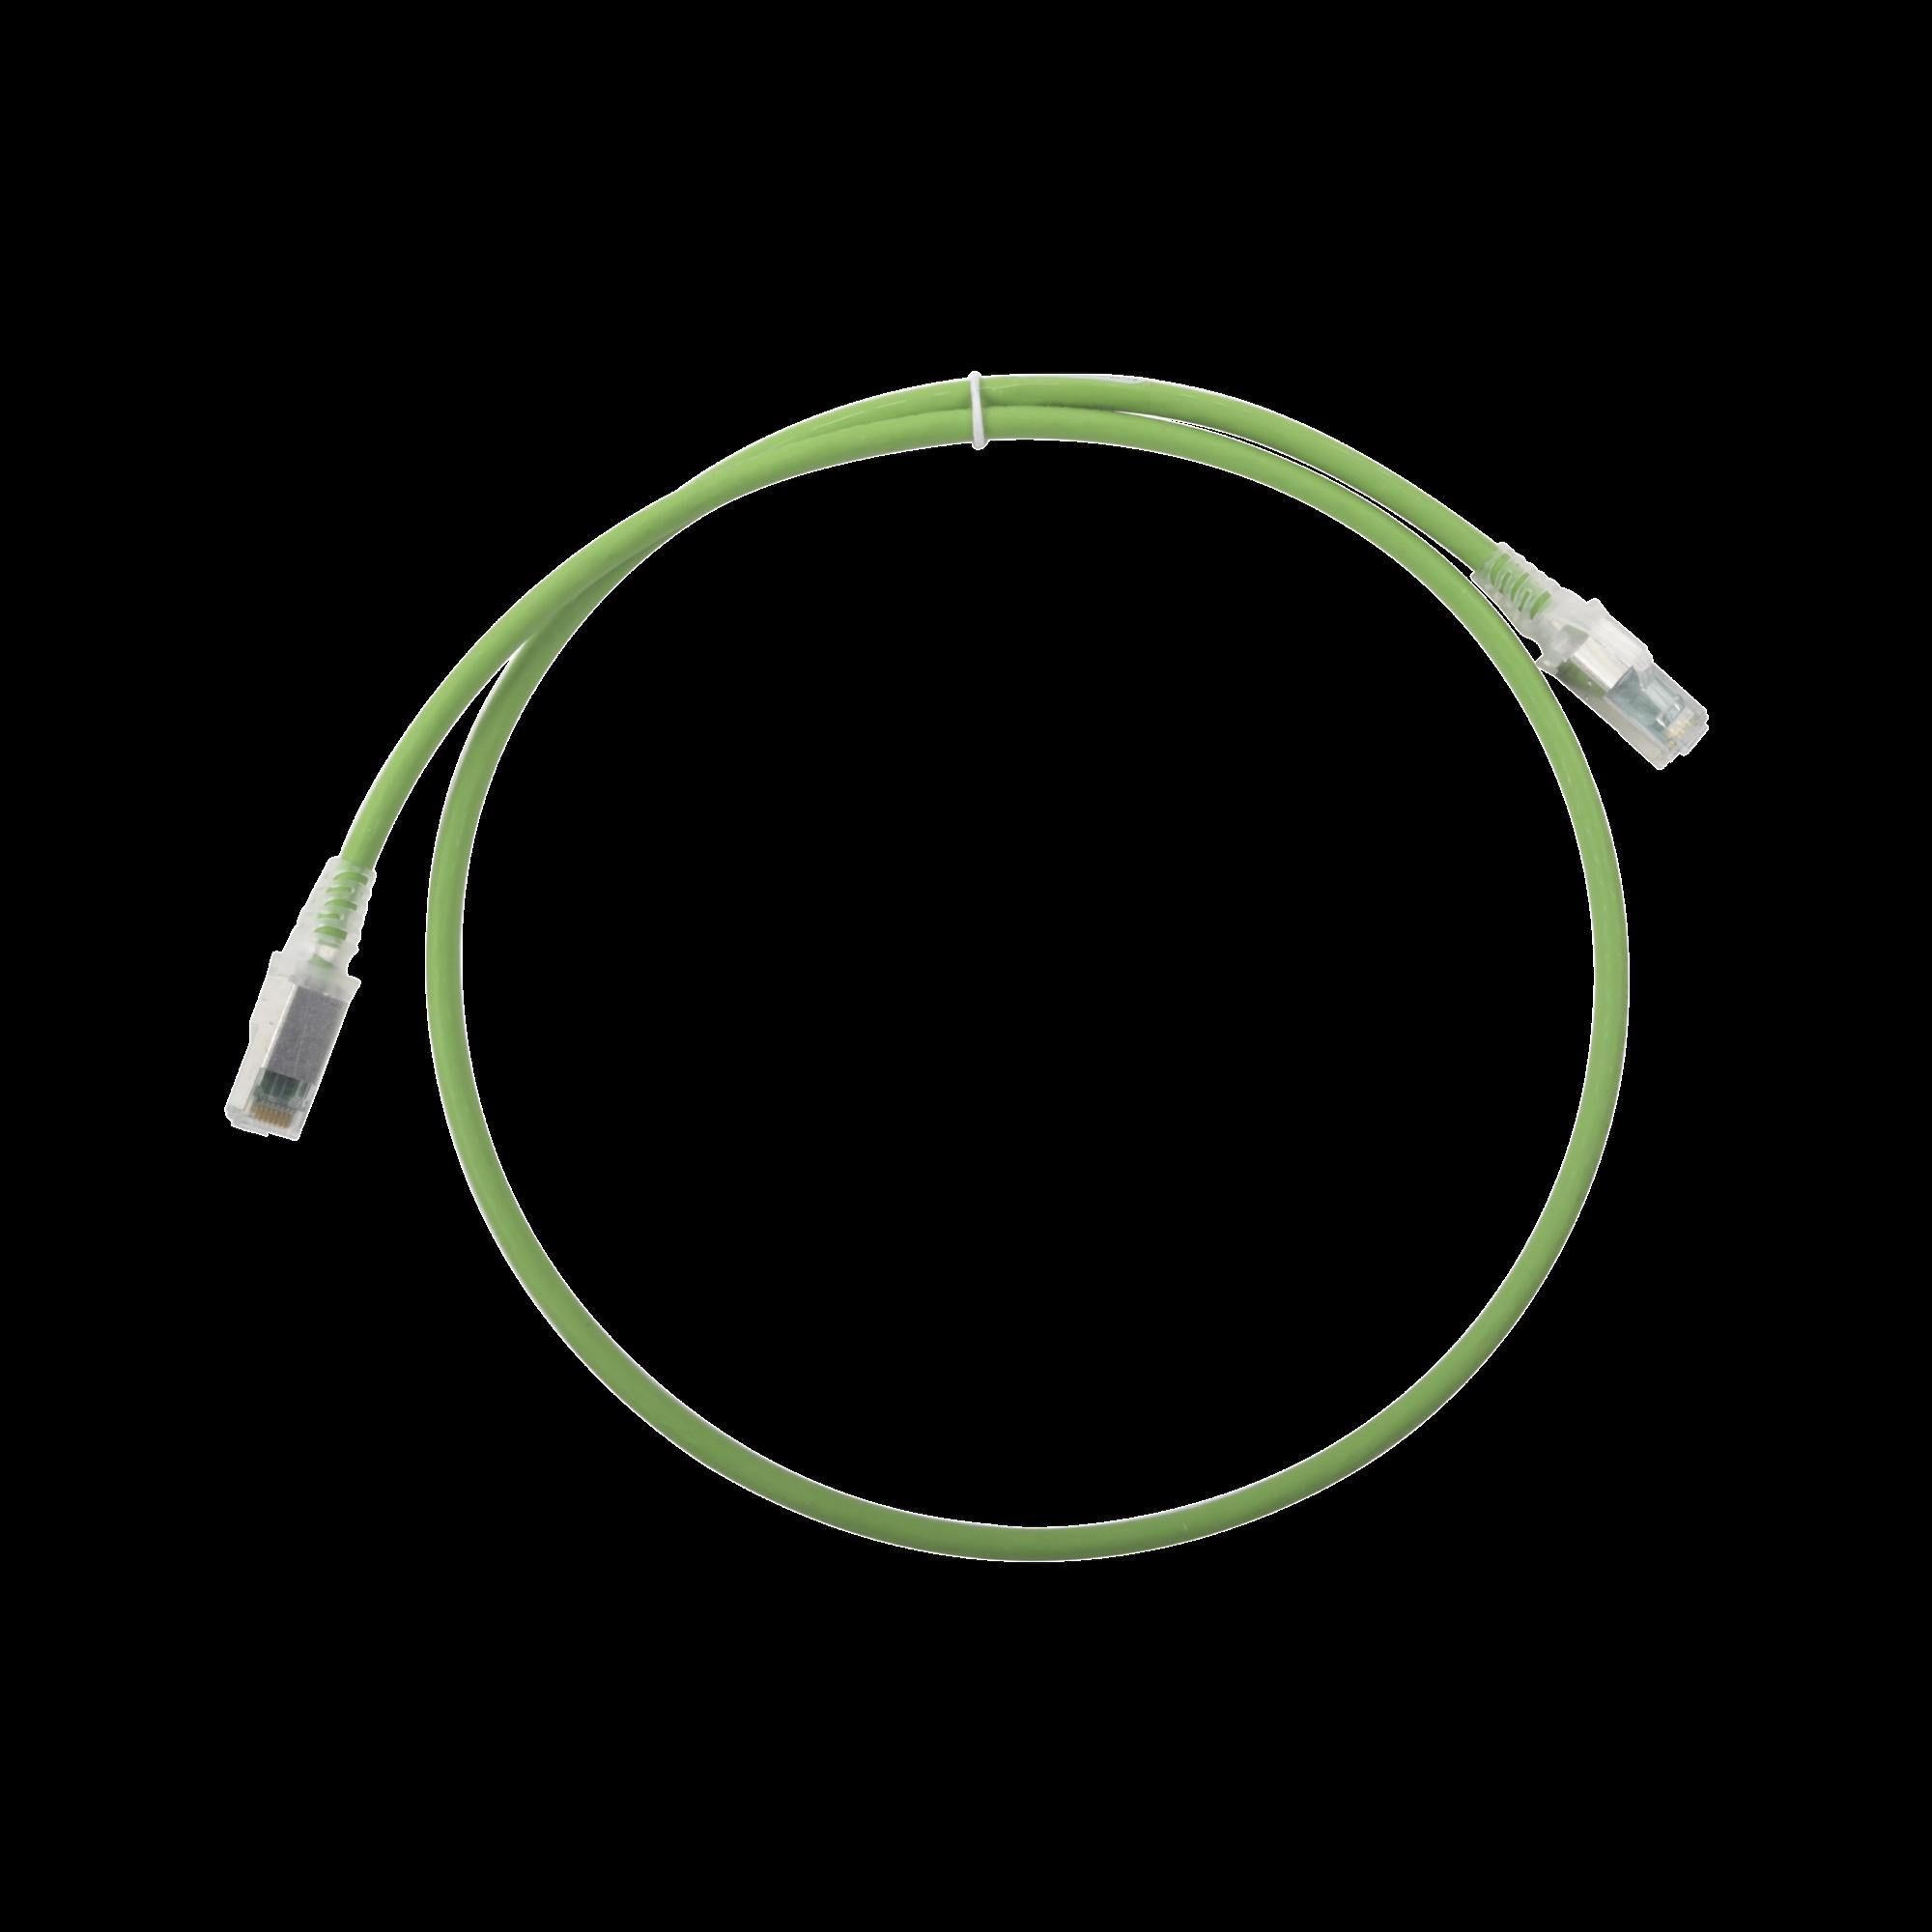 Patch Cord Z-MAX Cat6A S/FTP, CM/LS0H, 3ft, Color Verde, Versión Bulk (Sin Empaque Individual)